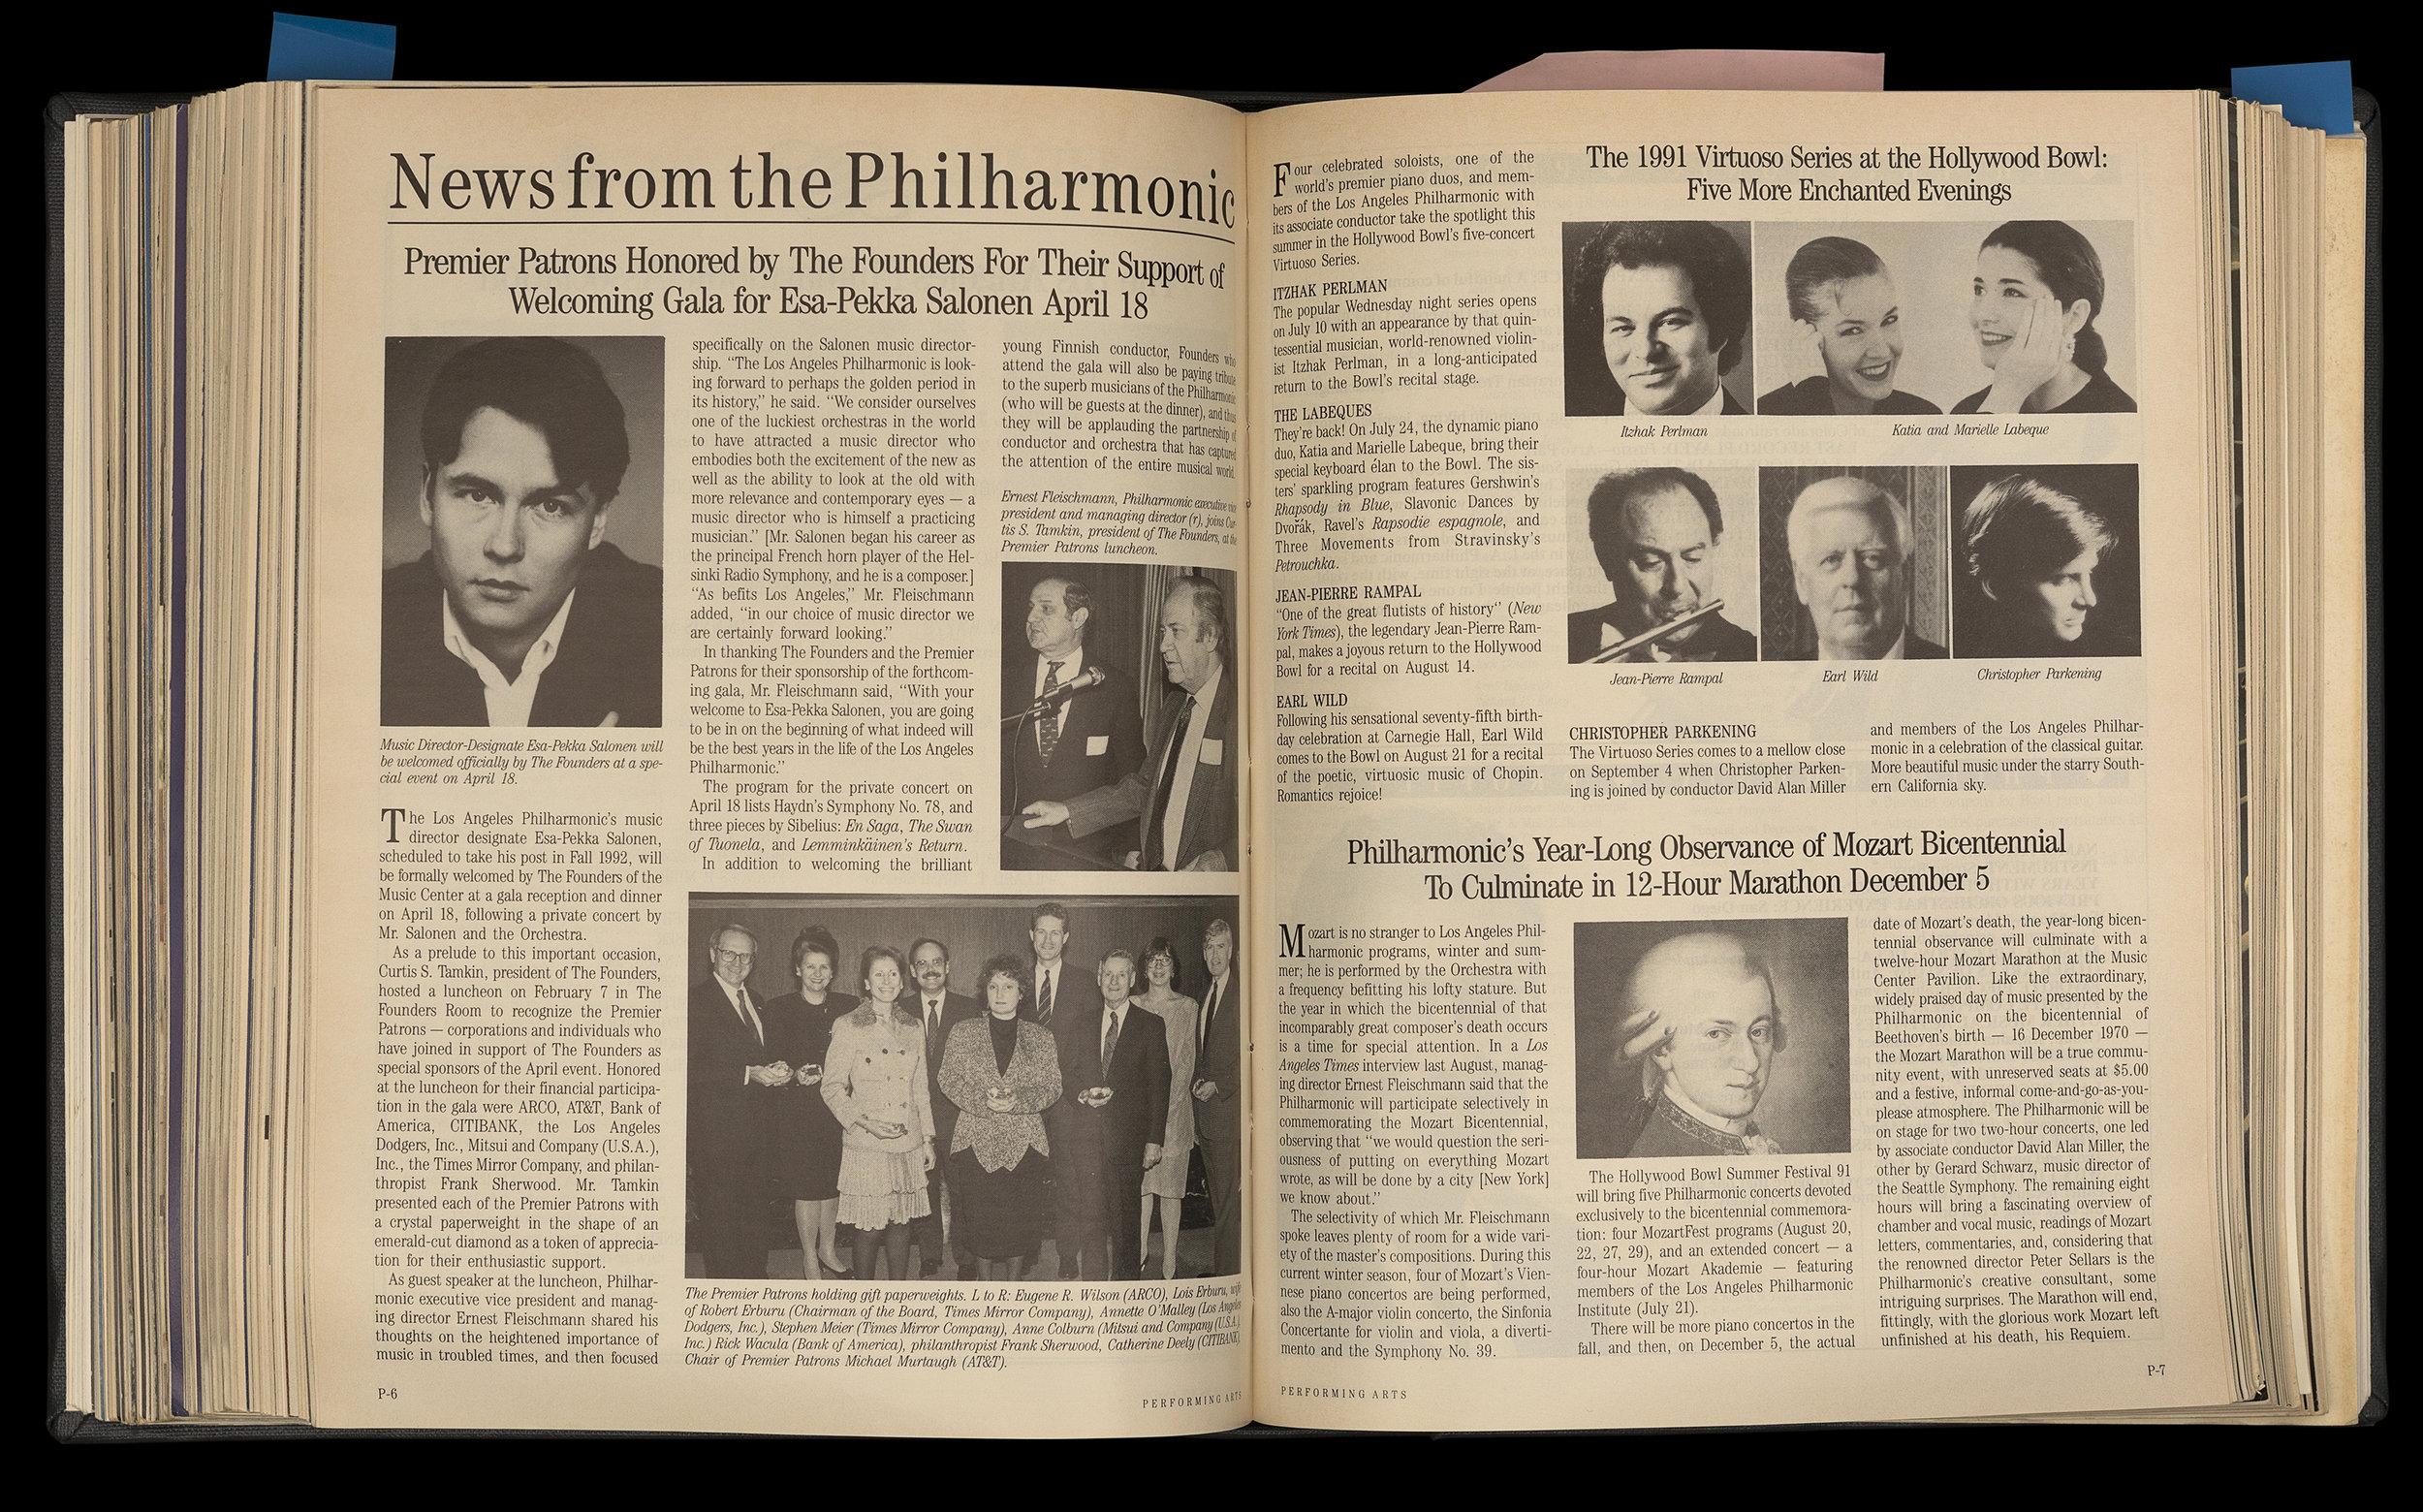 LAPO_ProgramBook_PageA_1990-1991.jpg